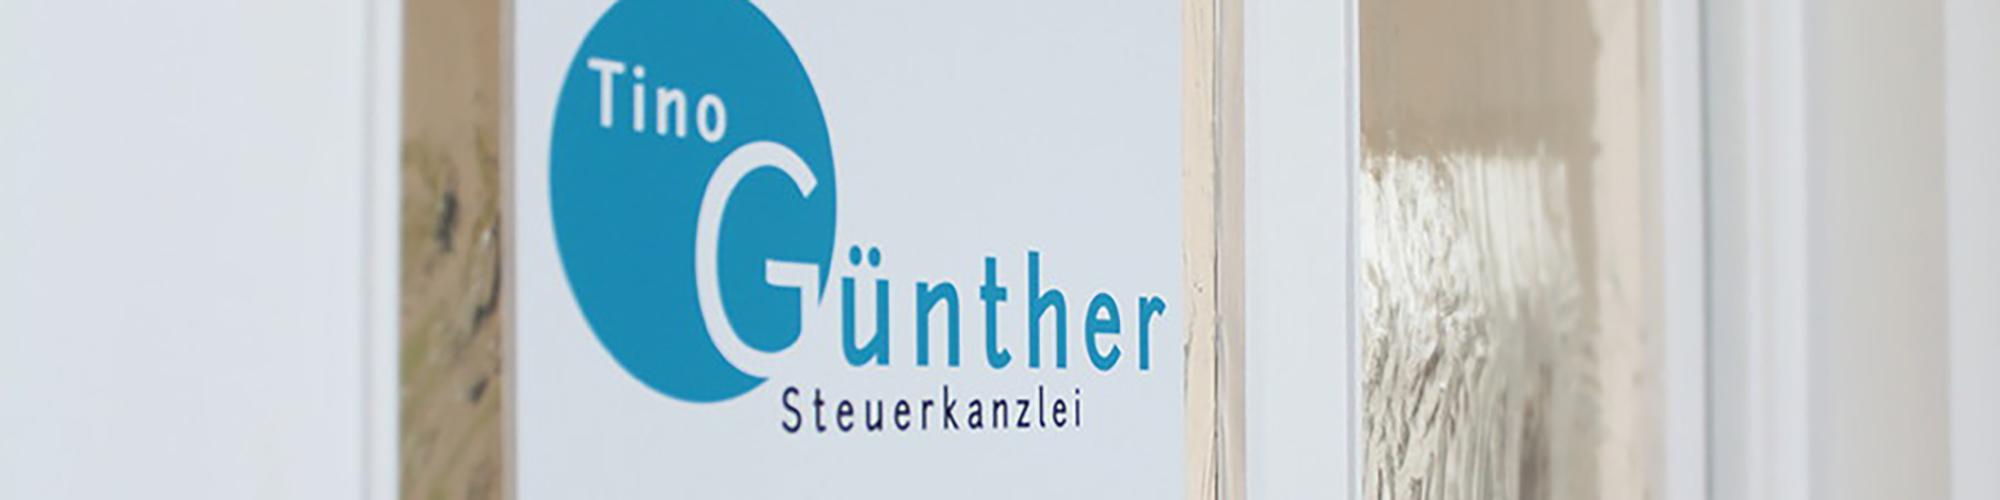 Steuerkanzlei Tino Günther